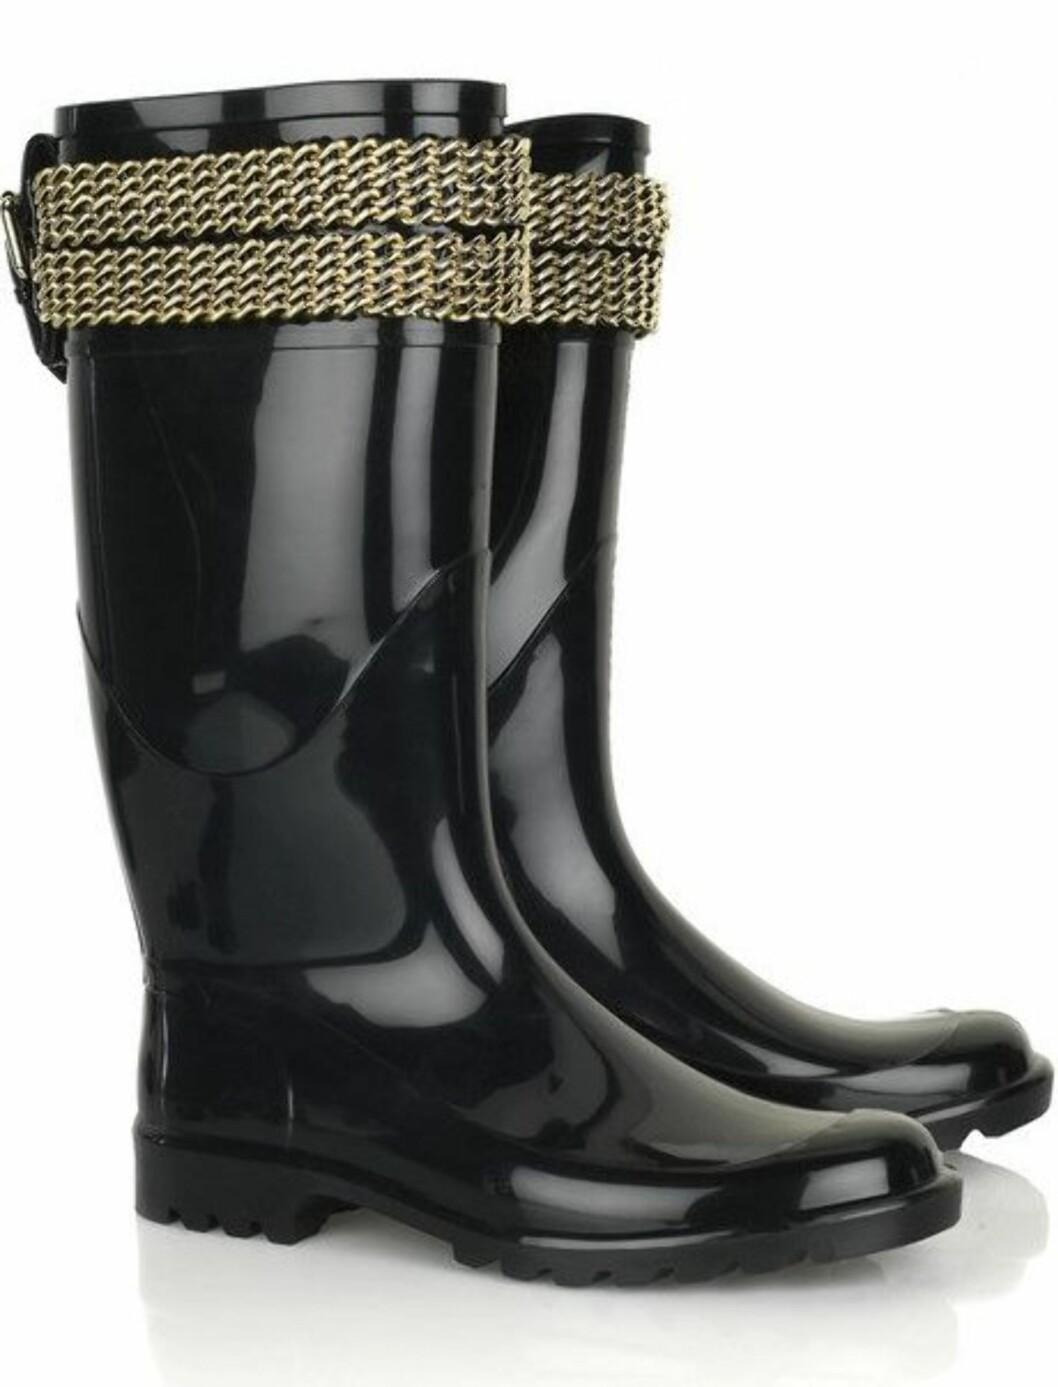 Fantastiske støvler med gullenker øverst - en drøm for vaskekte fashionstaer (kr 2300, Burberry/Netaporter.com).